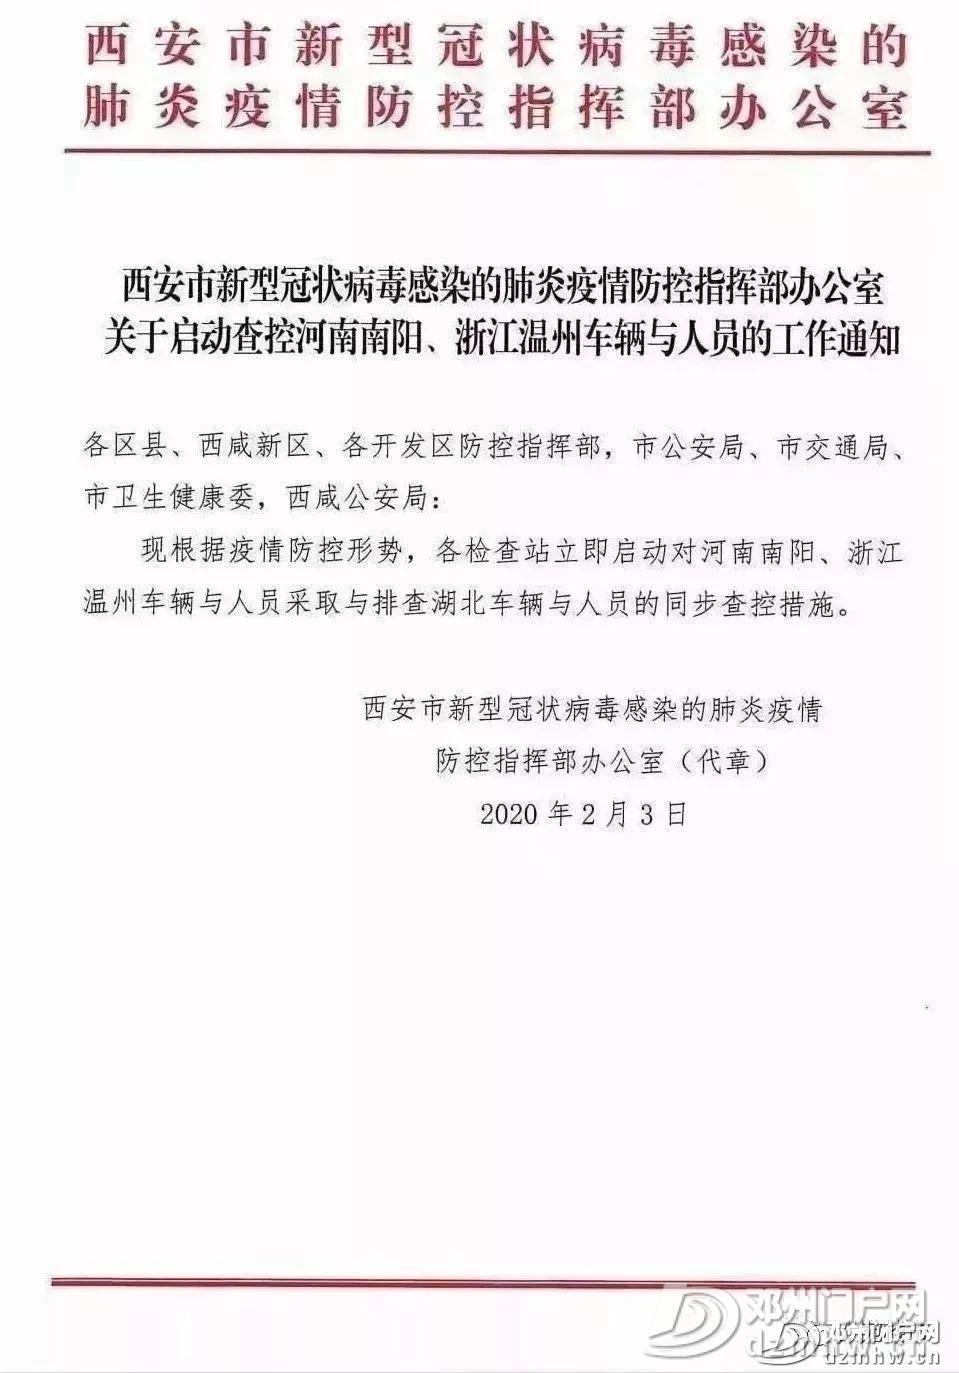 豫R无罪。 - 邓州门户网|邓州网 - b24eeb19fbfa3dffe5fbbb6f067cea6b.jpg